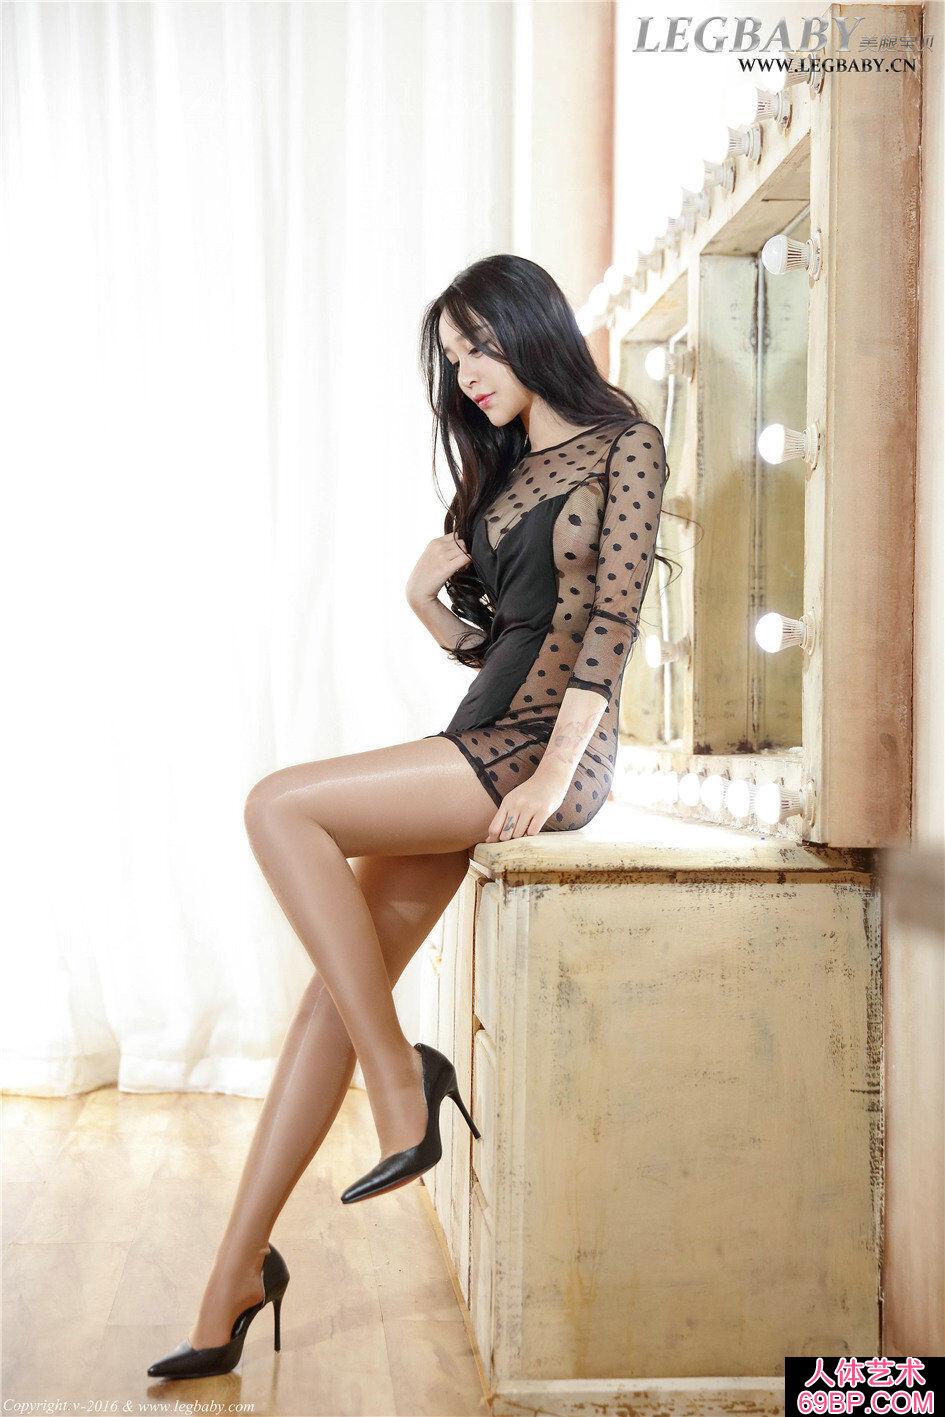 可爱妹子诺诺超薄亮肉丝长腿人体艺术图